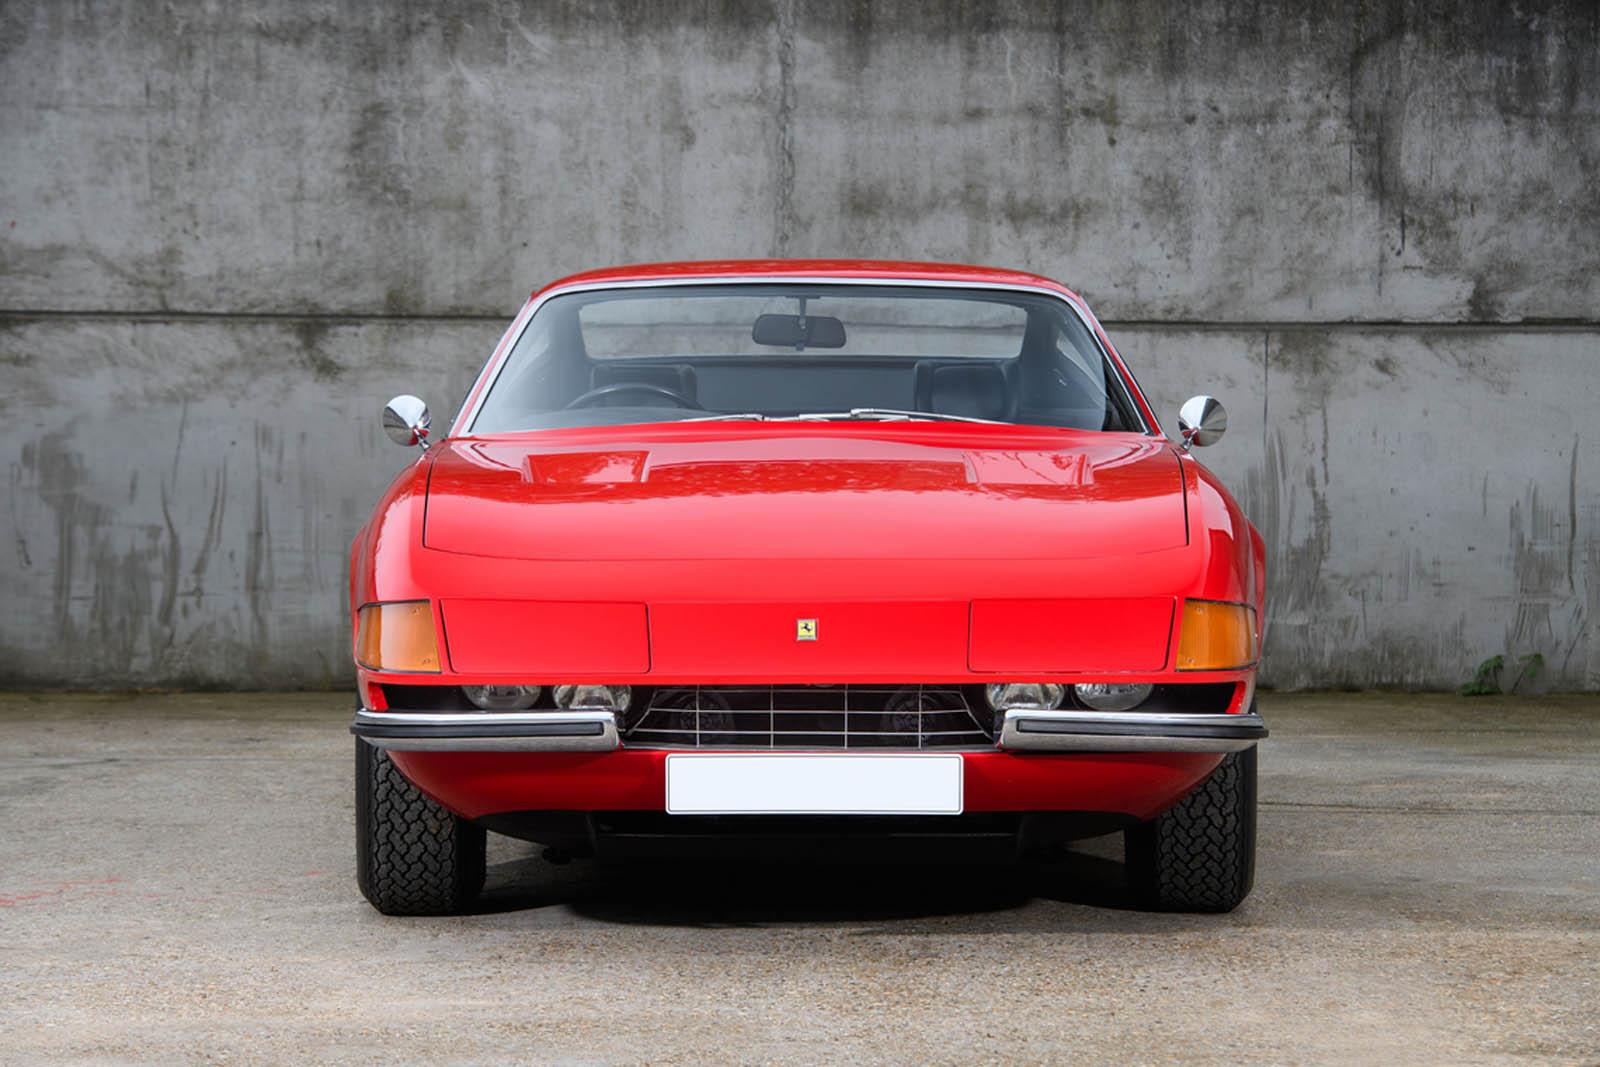 Ferrari-365-GTB4-Daytona-ex-Elton-John-1